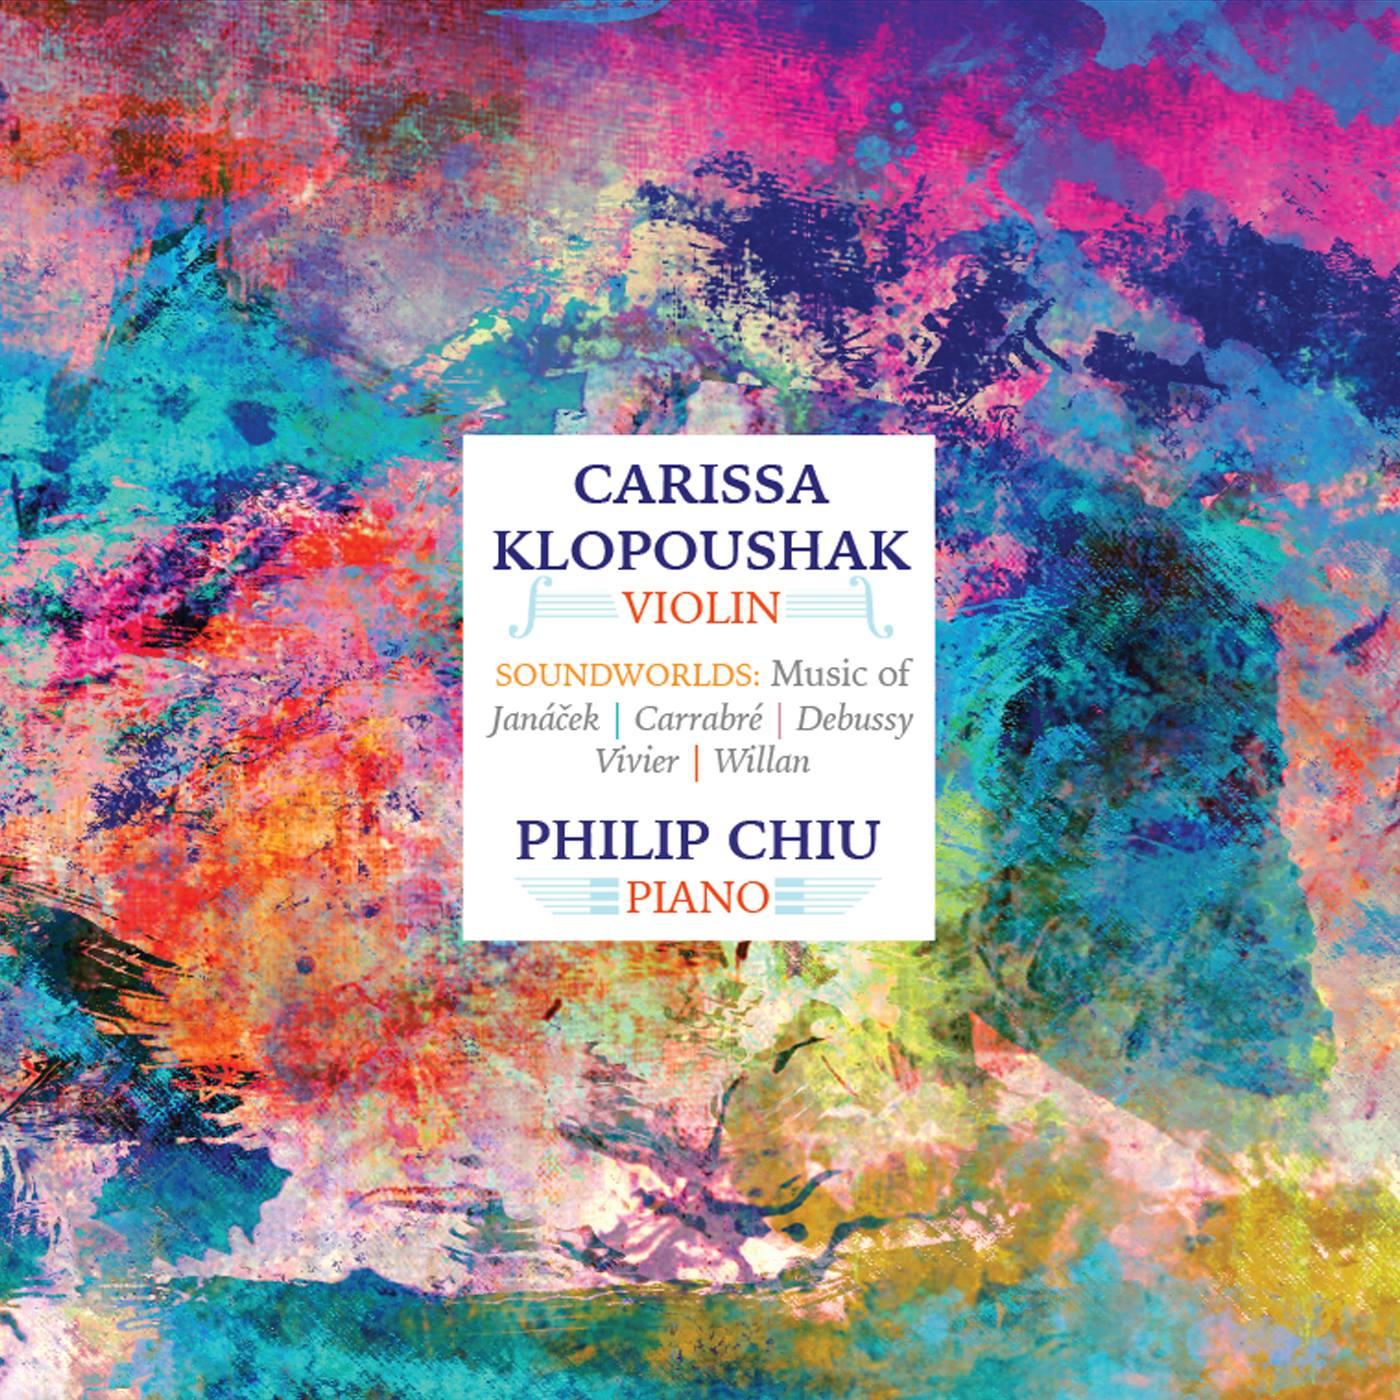 Klopoushak-Chiu Soundworlds Album Cover.jpg